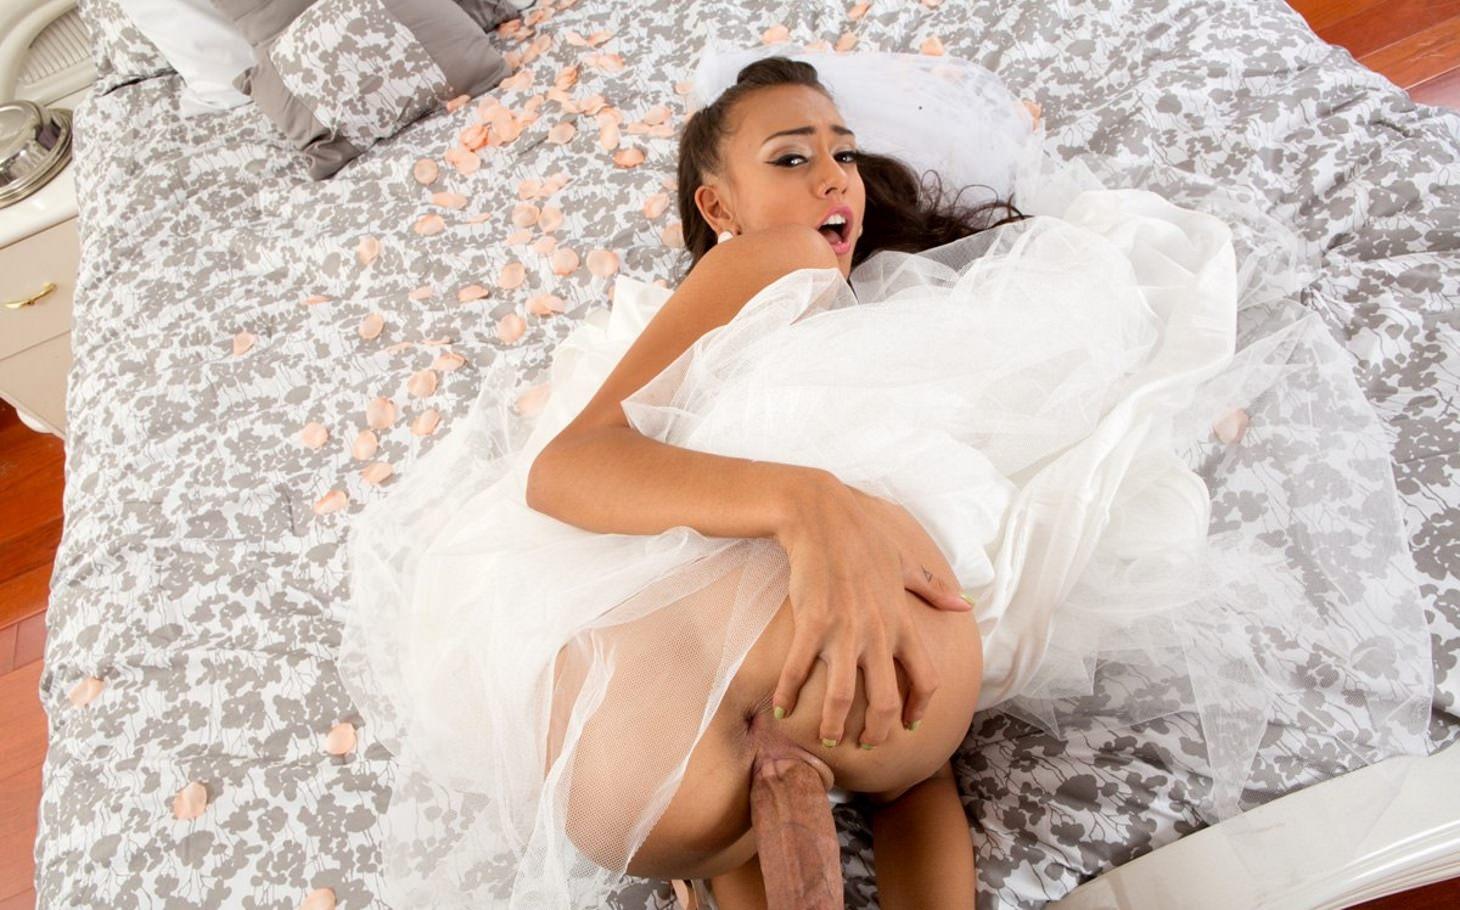 Фото Горячий секс с невестой, брачная ночь, похожая на порно фильм, сексуальная брюнетка невеста ебется раком в спальне, толстый член проникает в ее дырочки, скачать картинку бесплатно